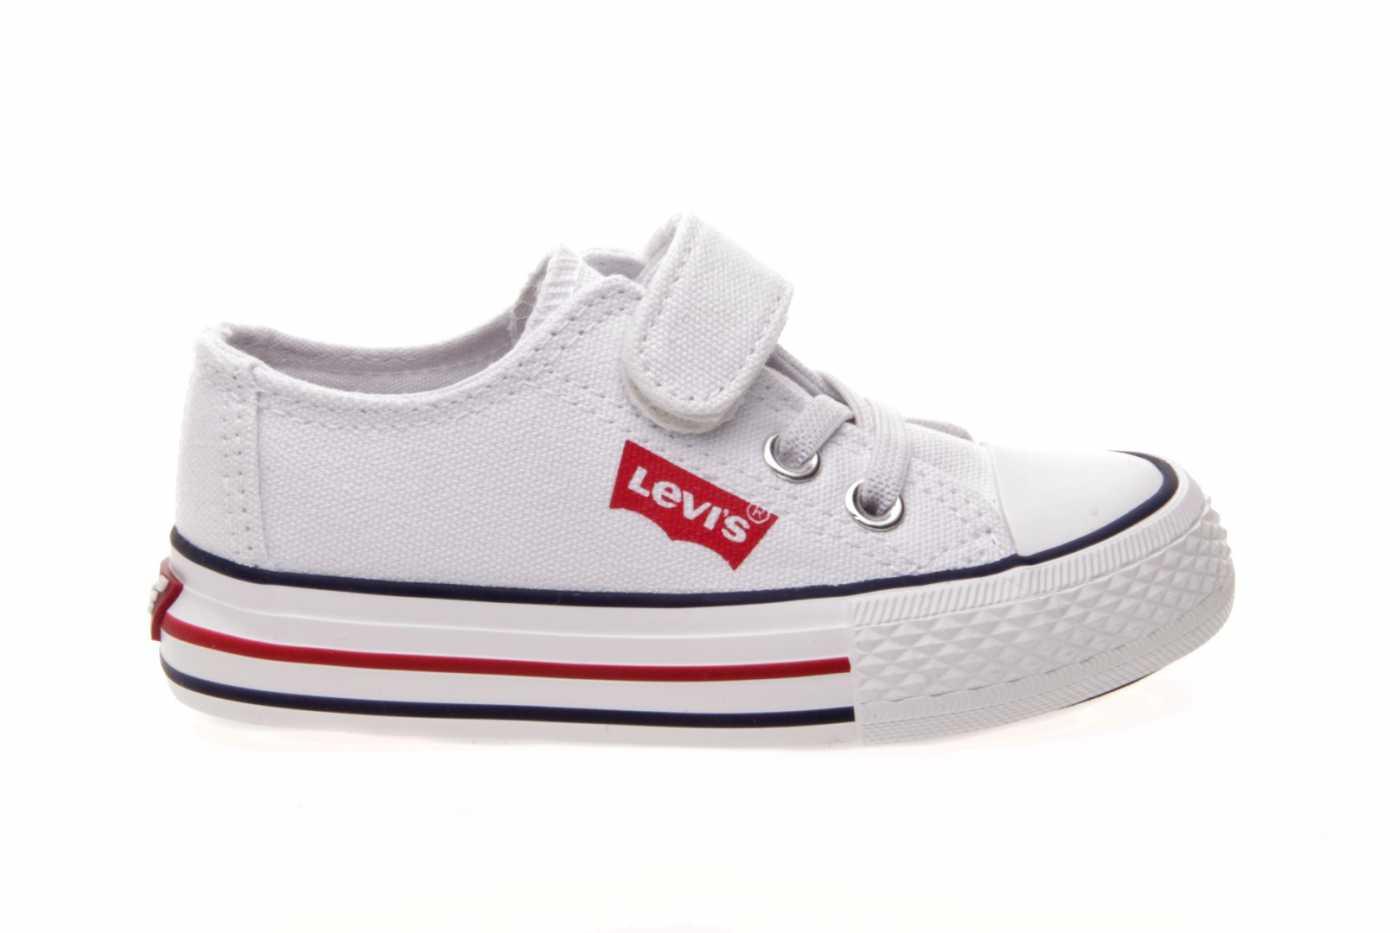 7436ac04594 Comprar zapato tipo JOVEN NIÑO estilo LONA COLOR BLANCO LONA ...